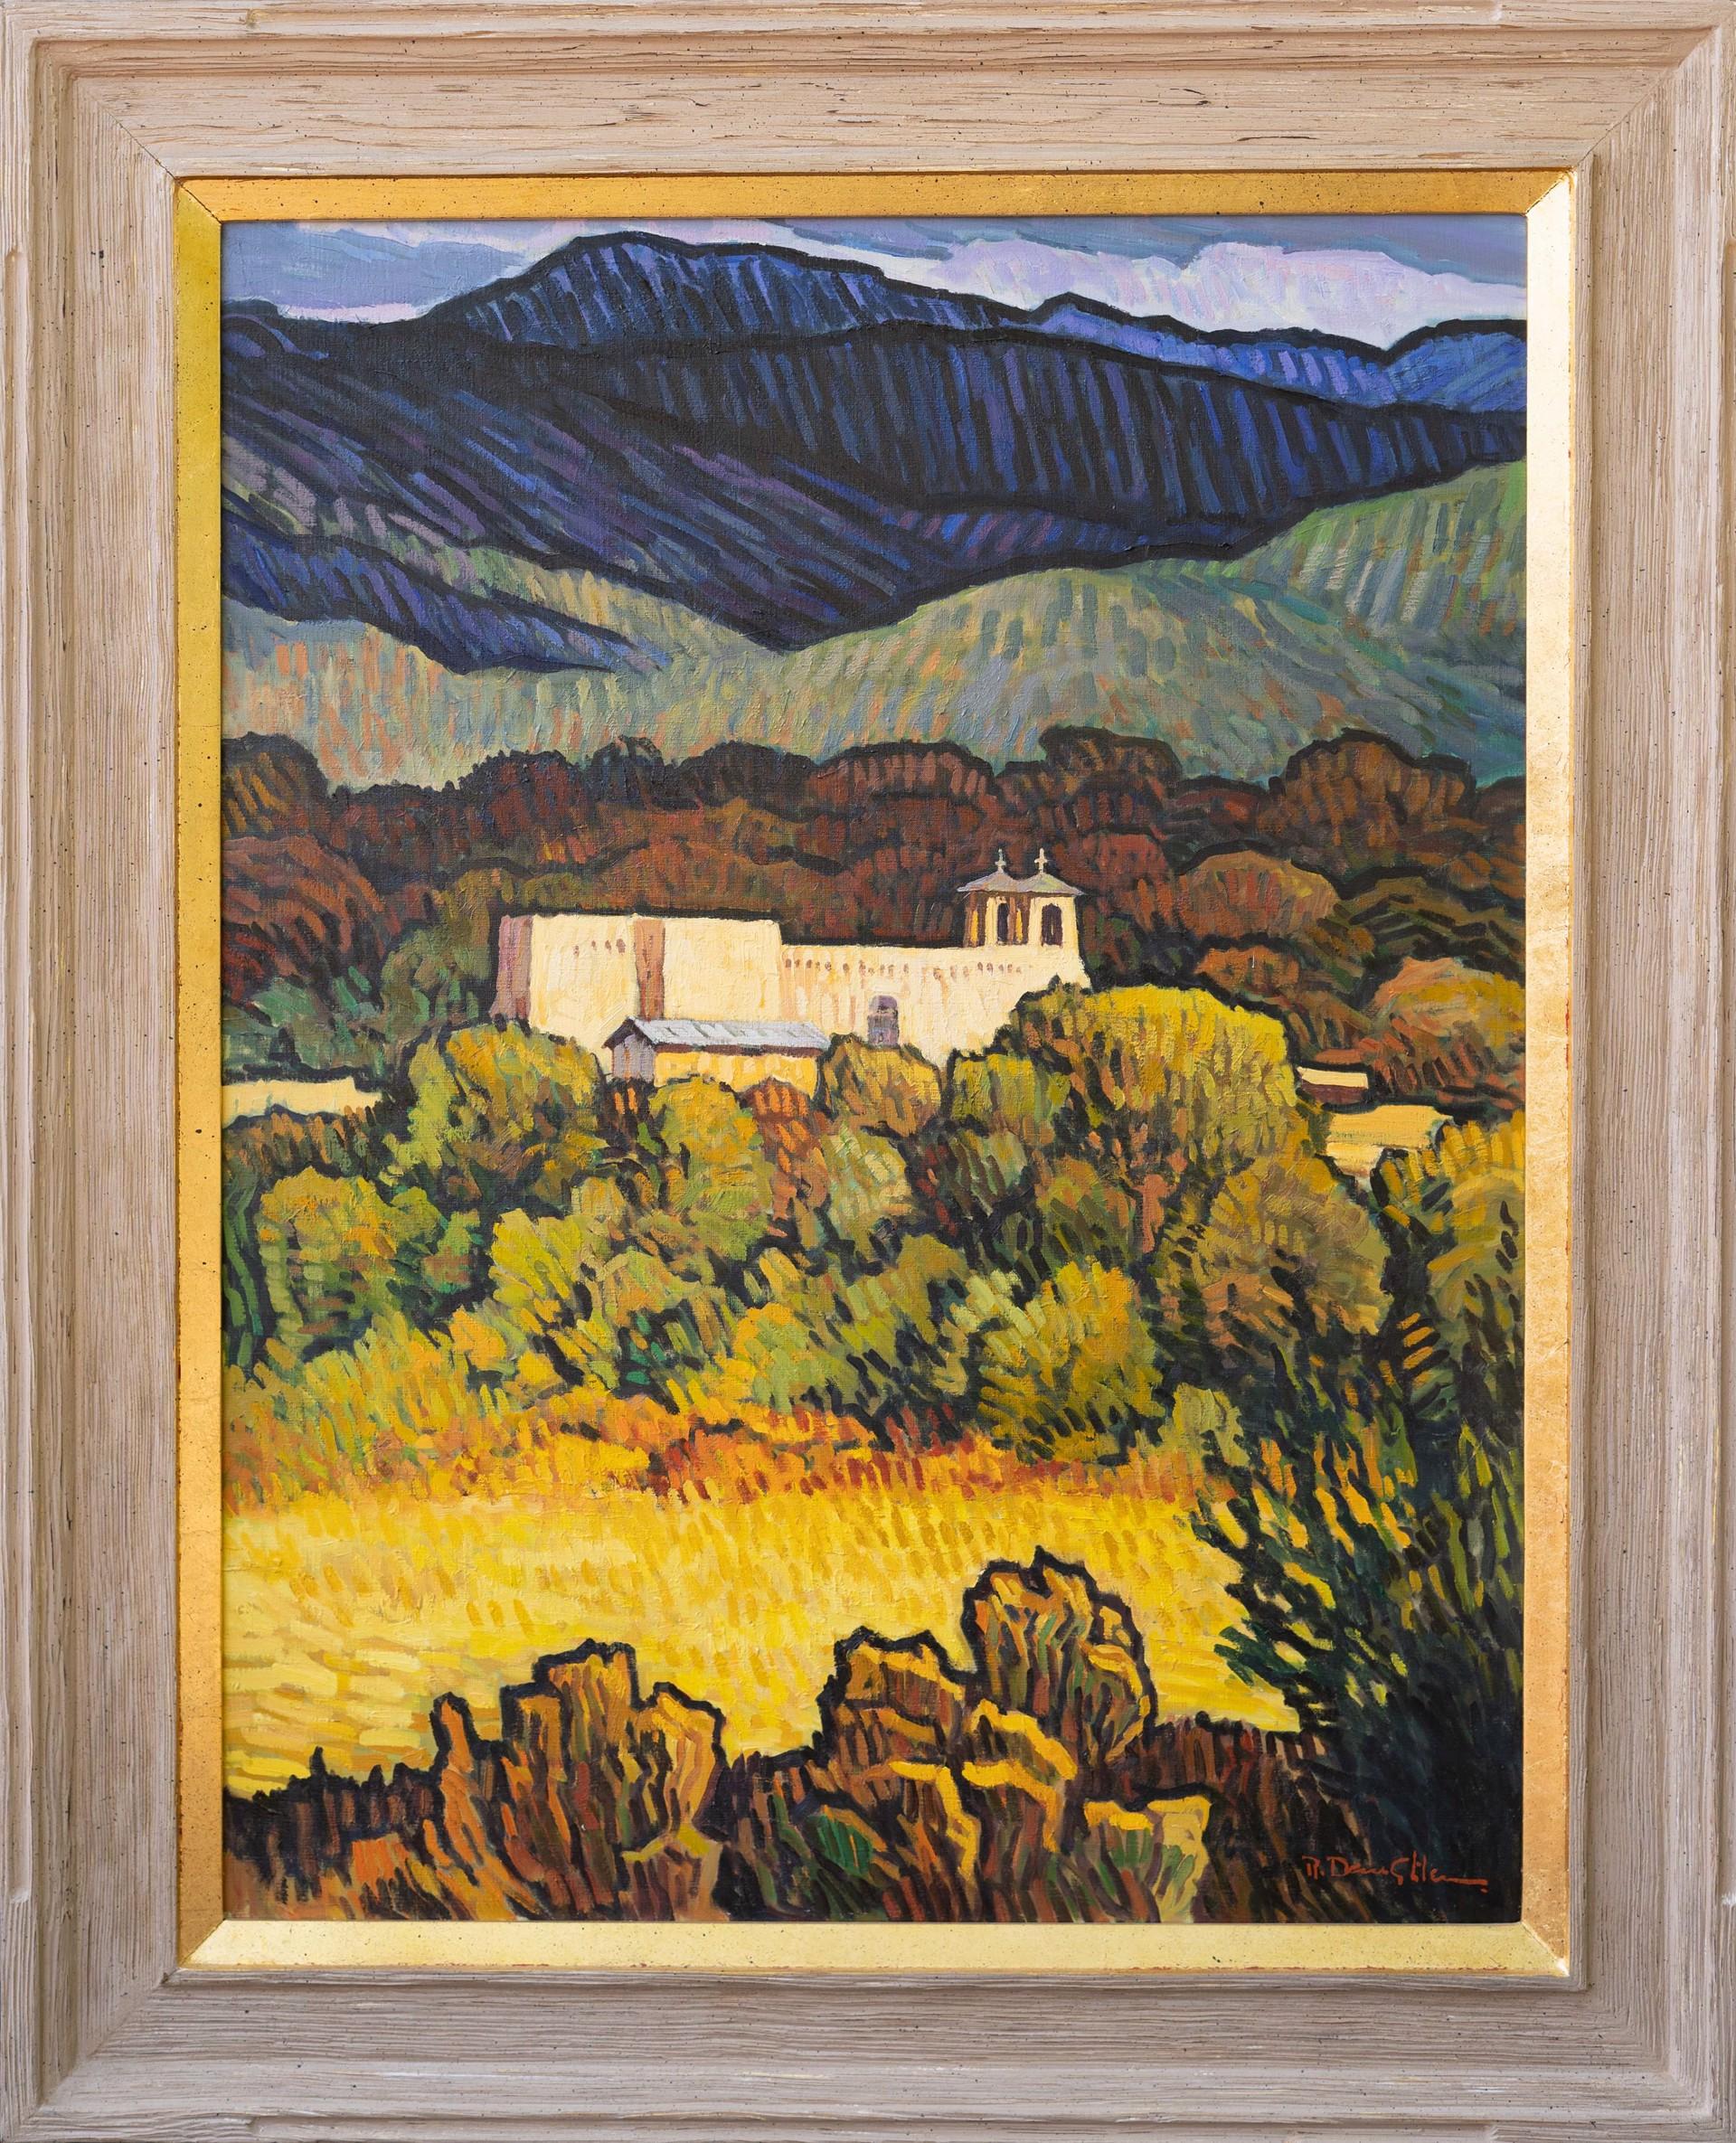 Church at Ranchos by Robert Daughters (1929-2013)